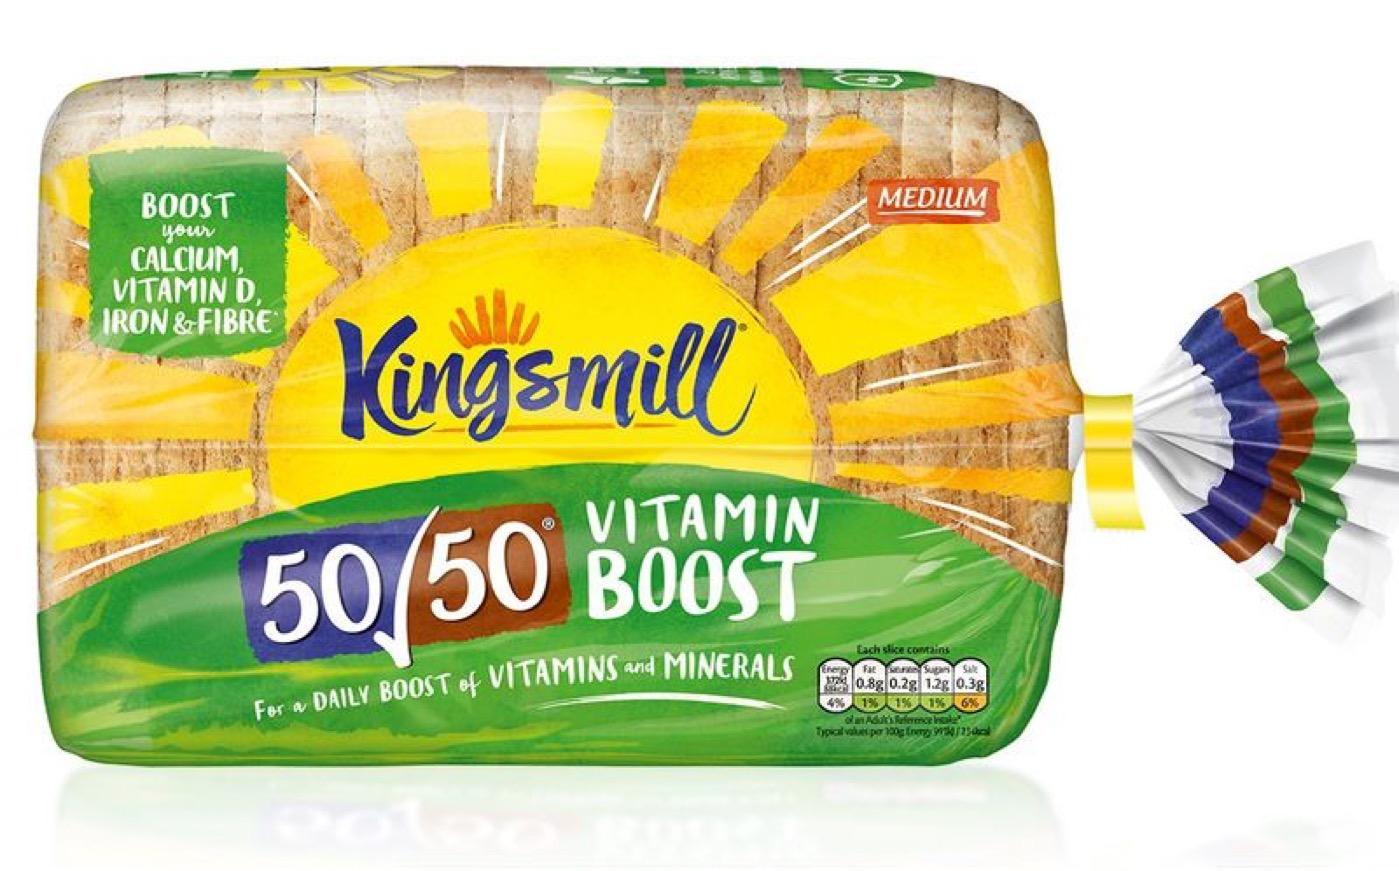 4 - Des pains boostés aux vitamines